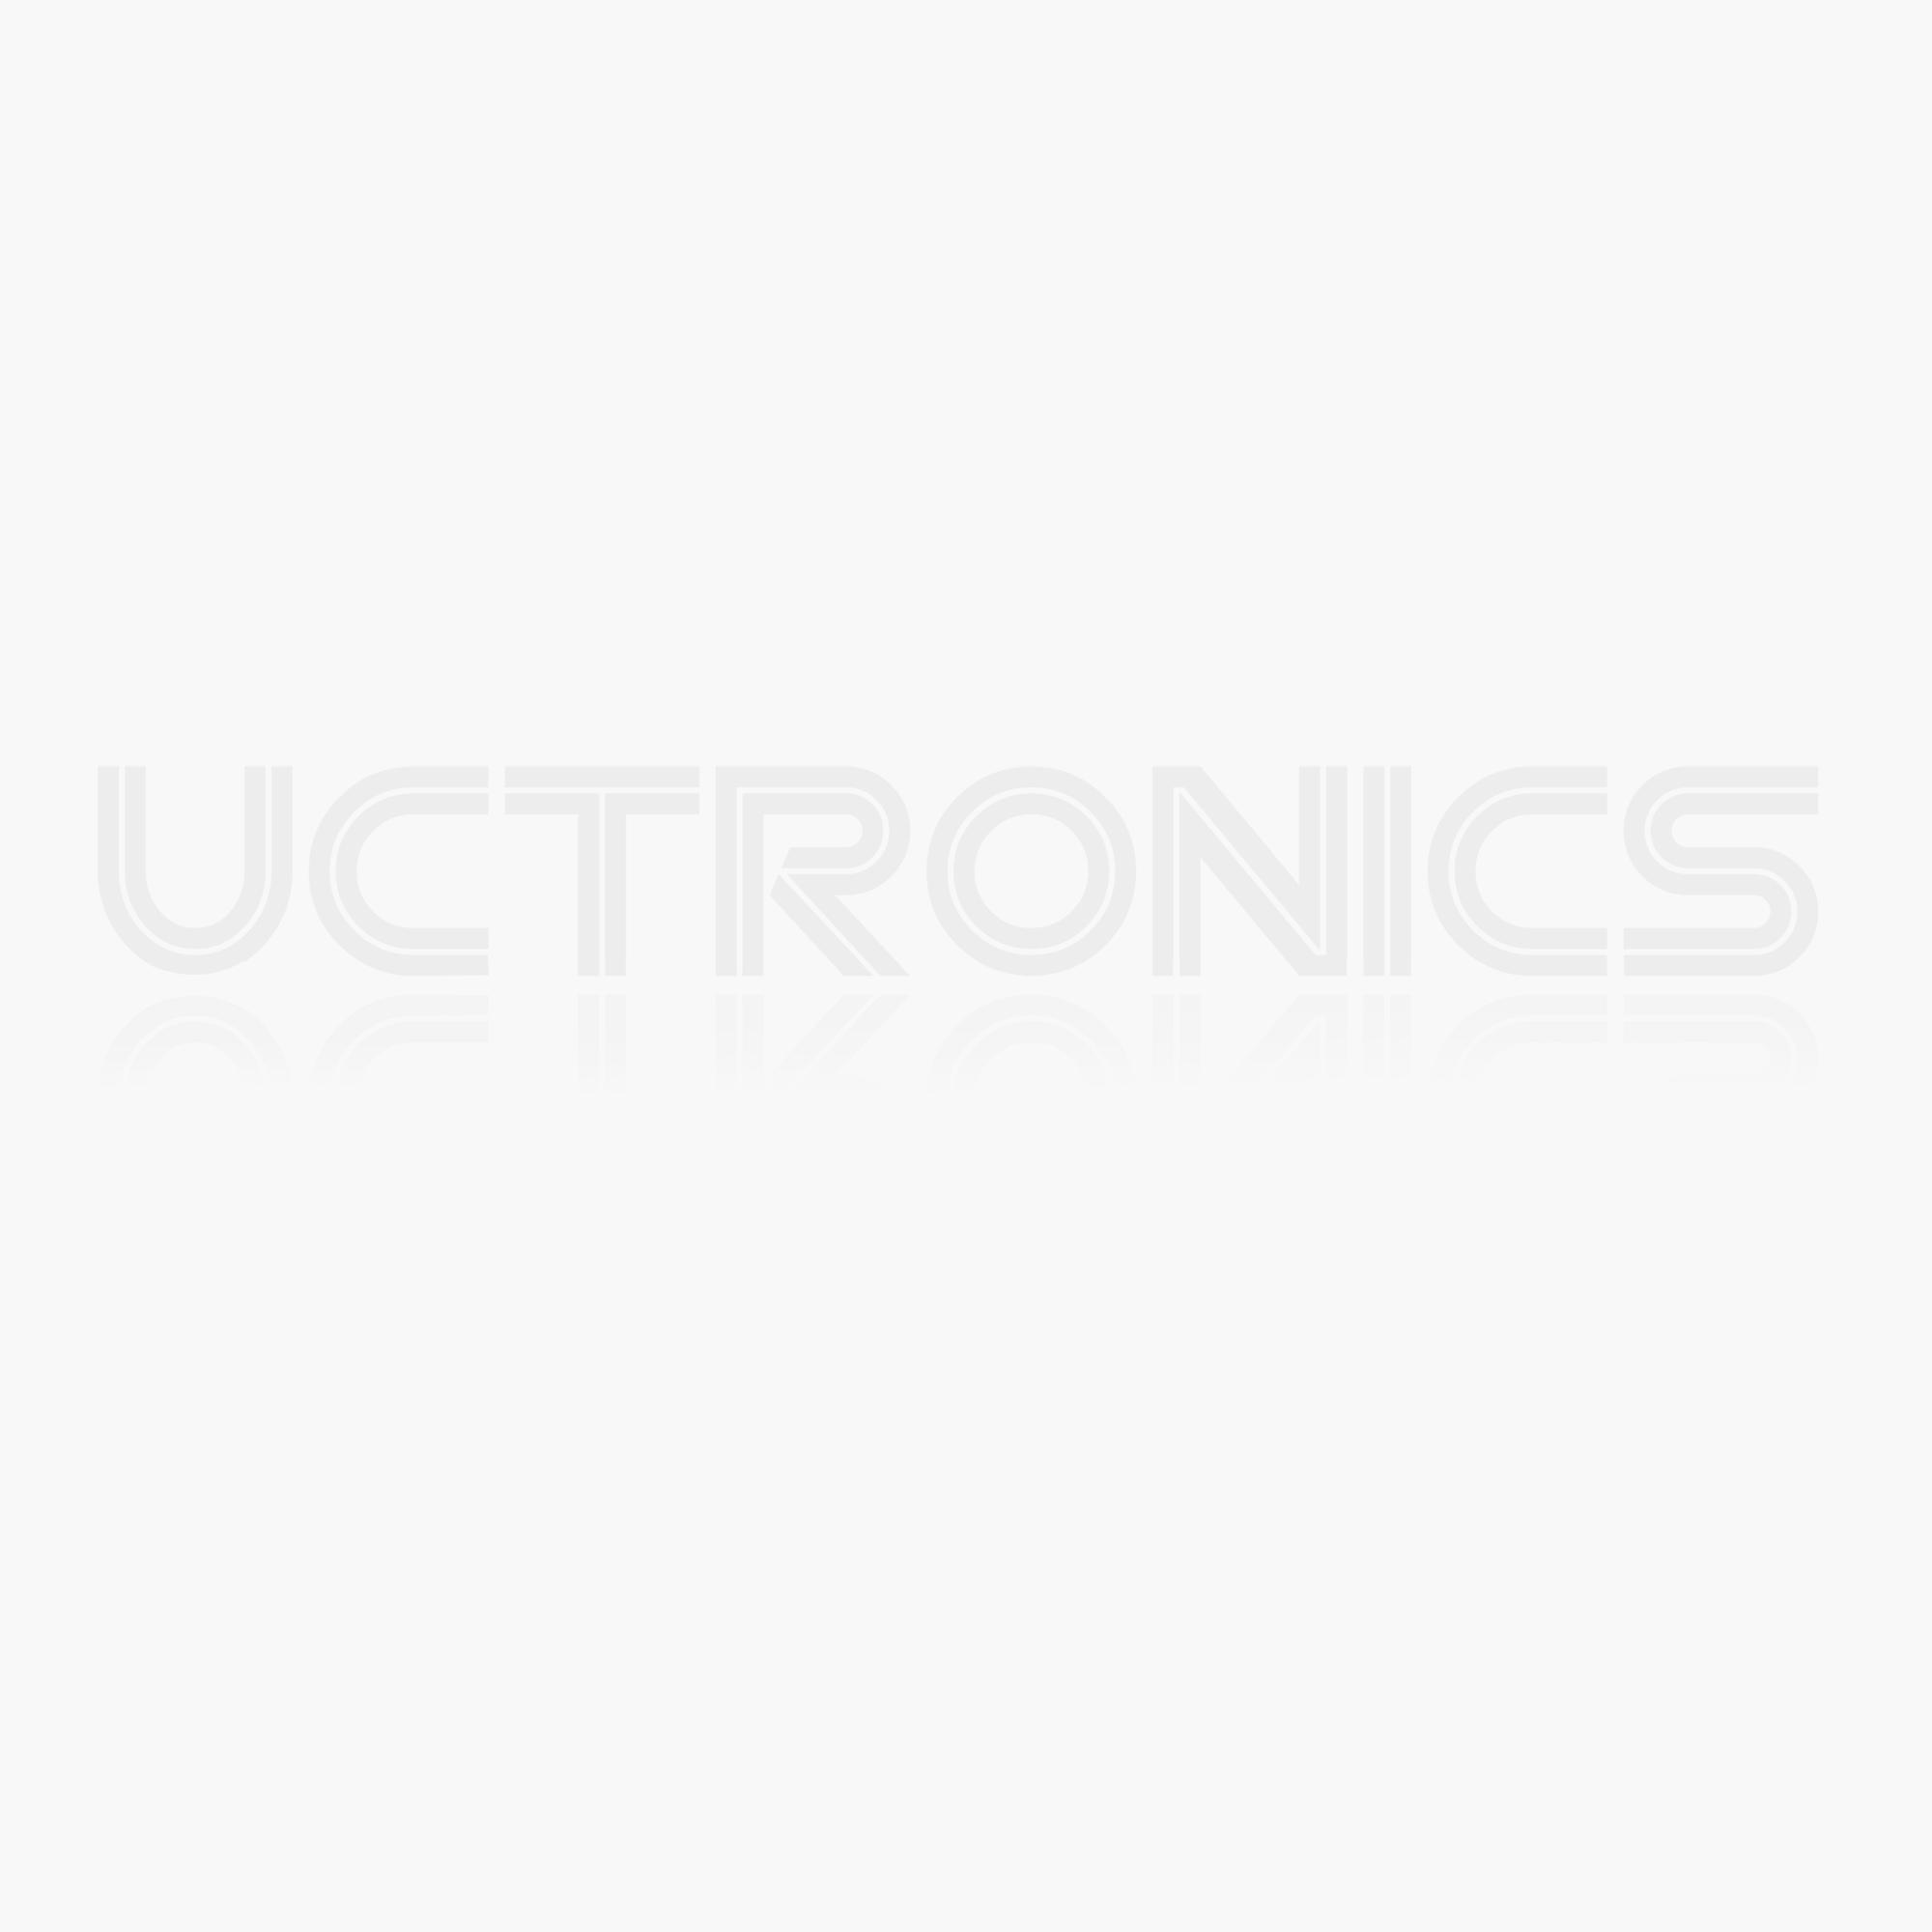 10pcs MC34063 DIP-8 DIP 8pin DC-DC Switching Converter Regulators IC Chip